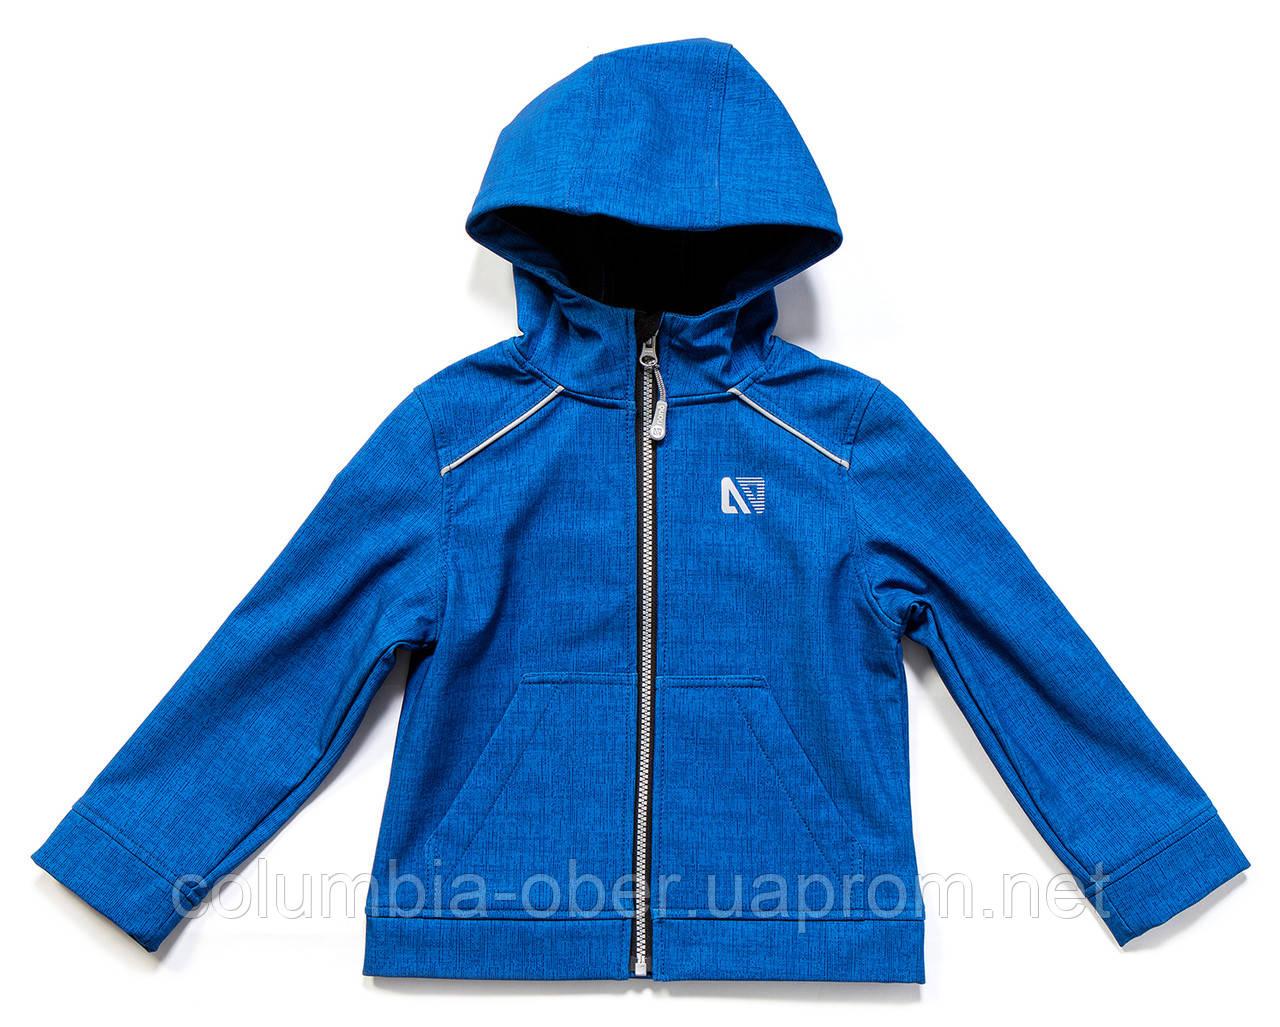 Демисезонная куртка для мальчика NANO F17M1401 Blue Jay Mix. Размеры 112 - 152.